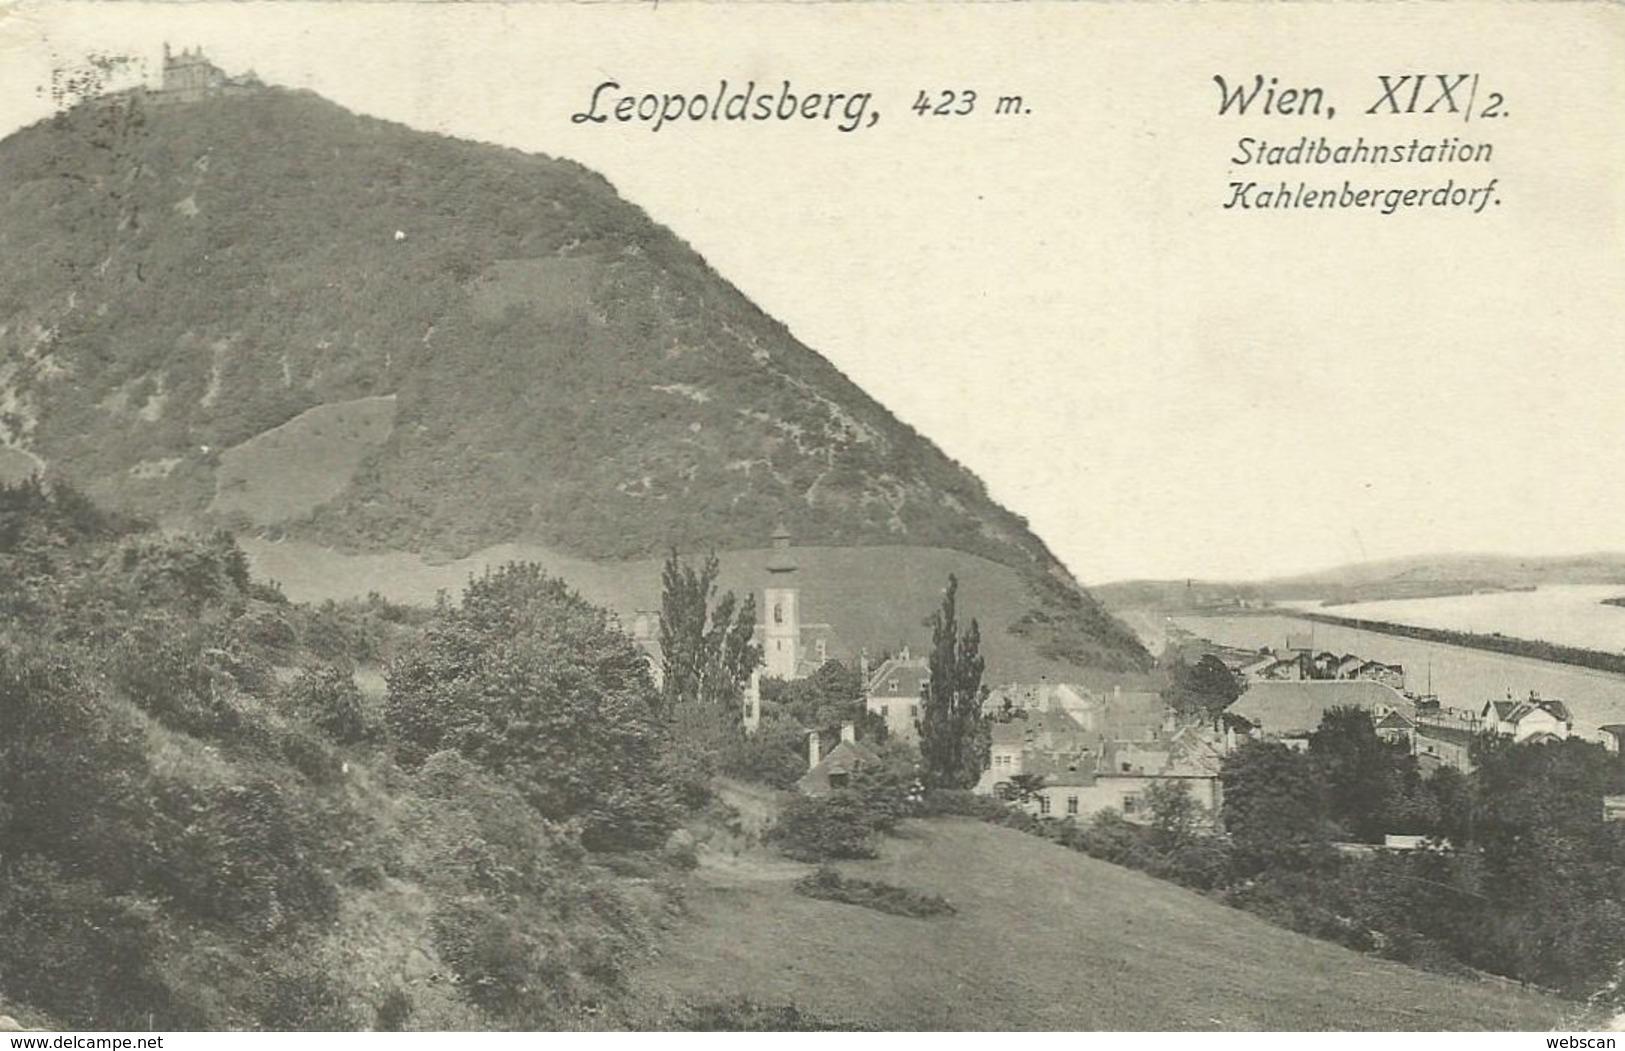 AK Wien XIX / 2 Leopoldsberg Stadtbahn 1913 K&k  #103 - Wien